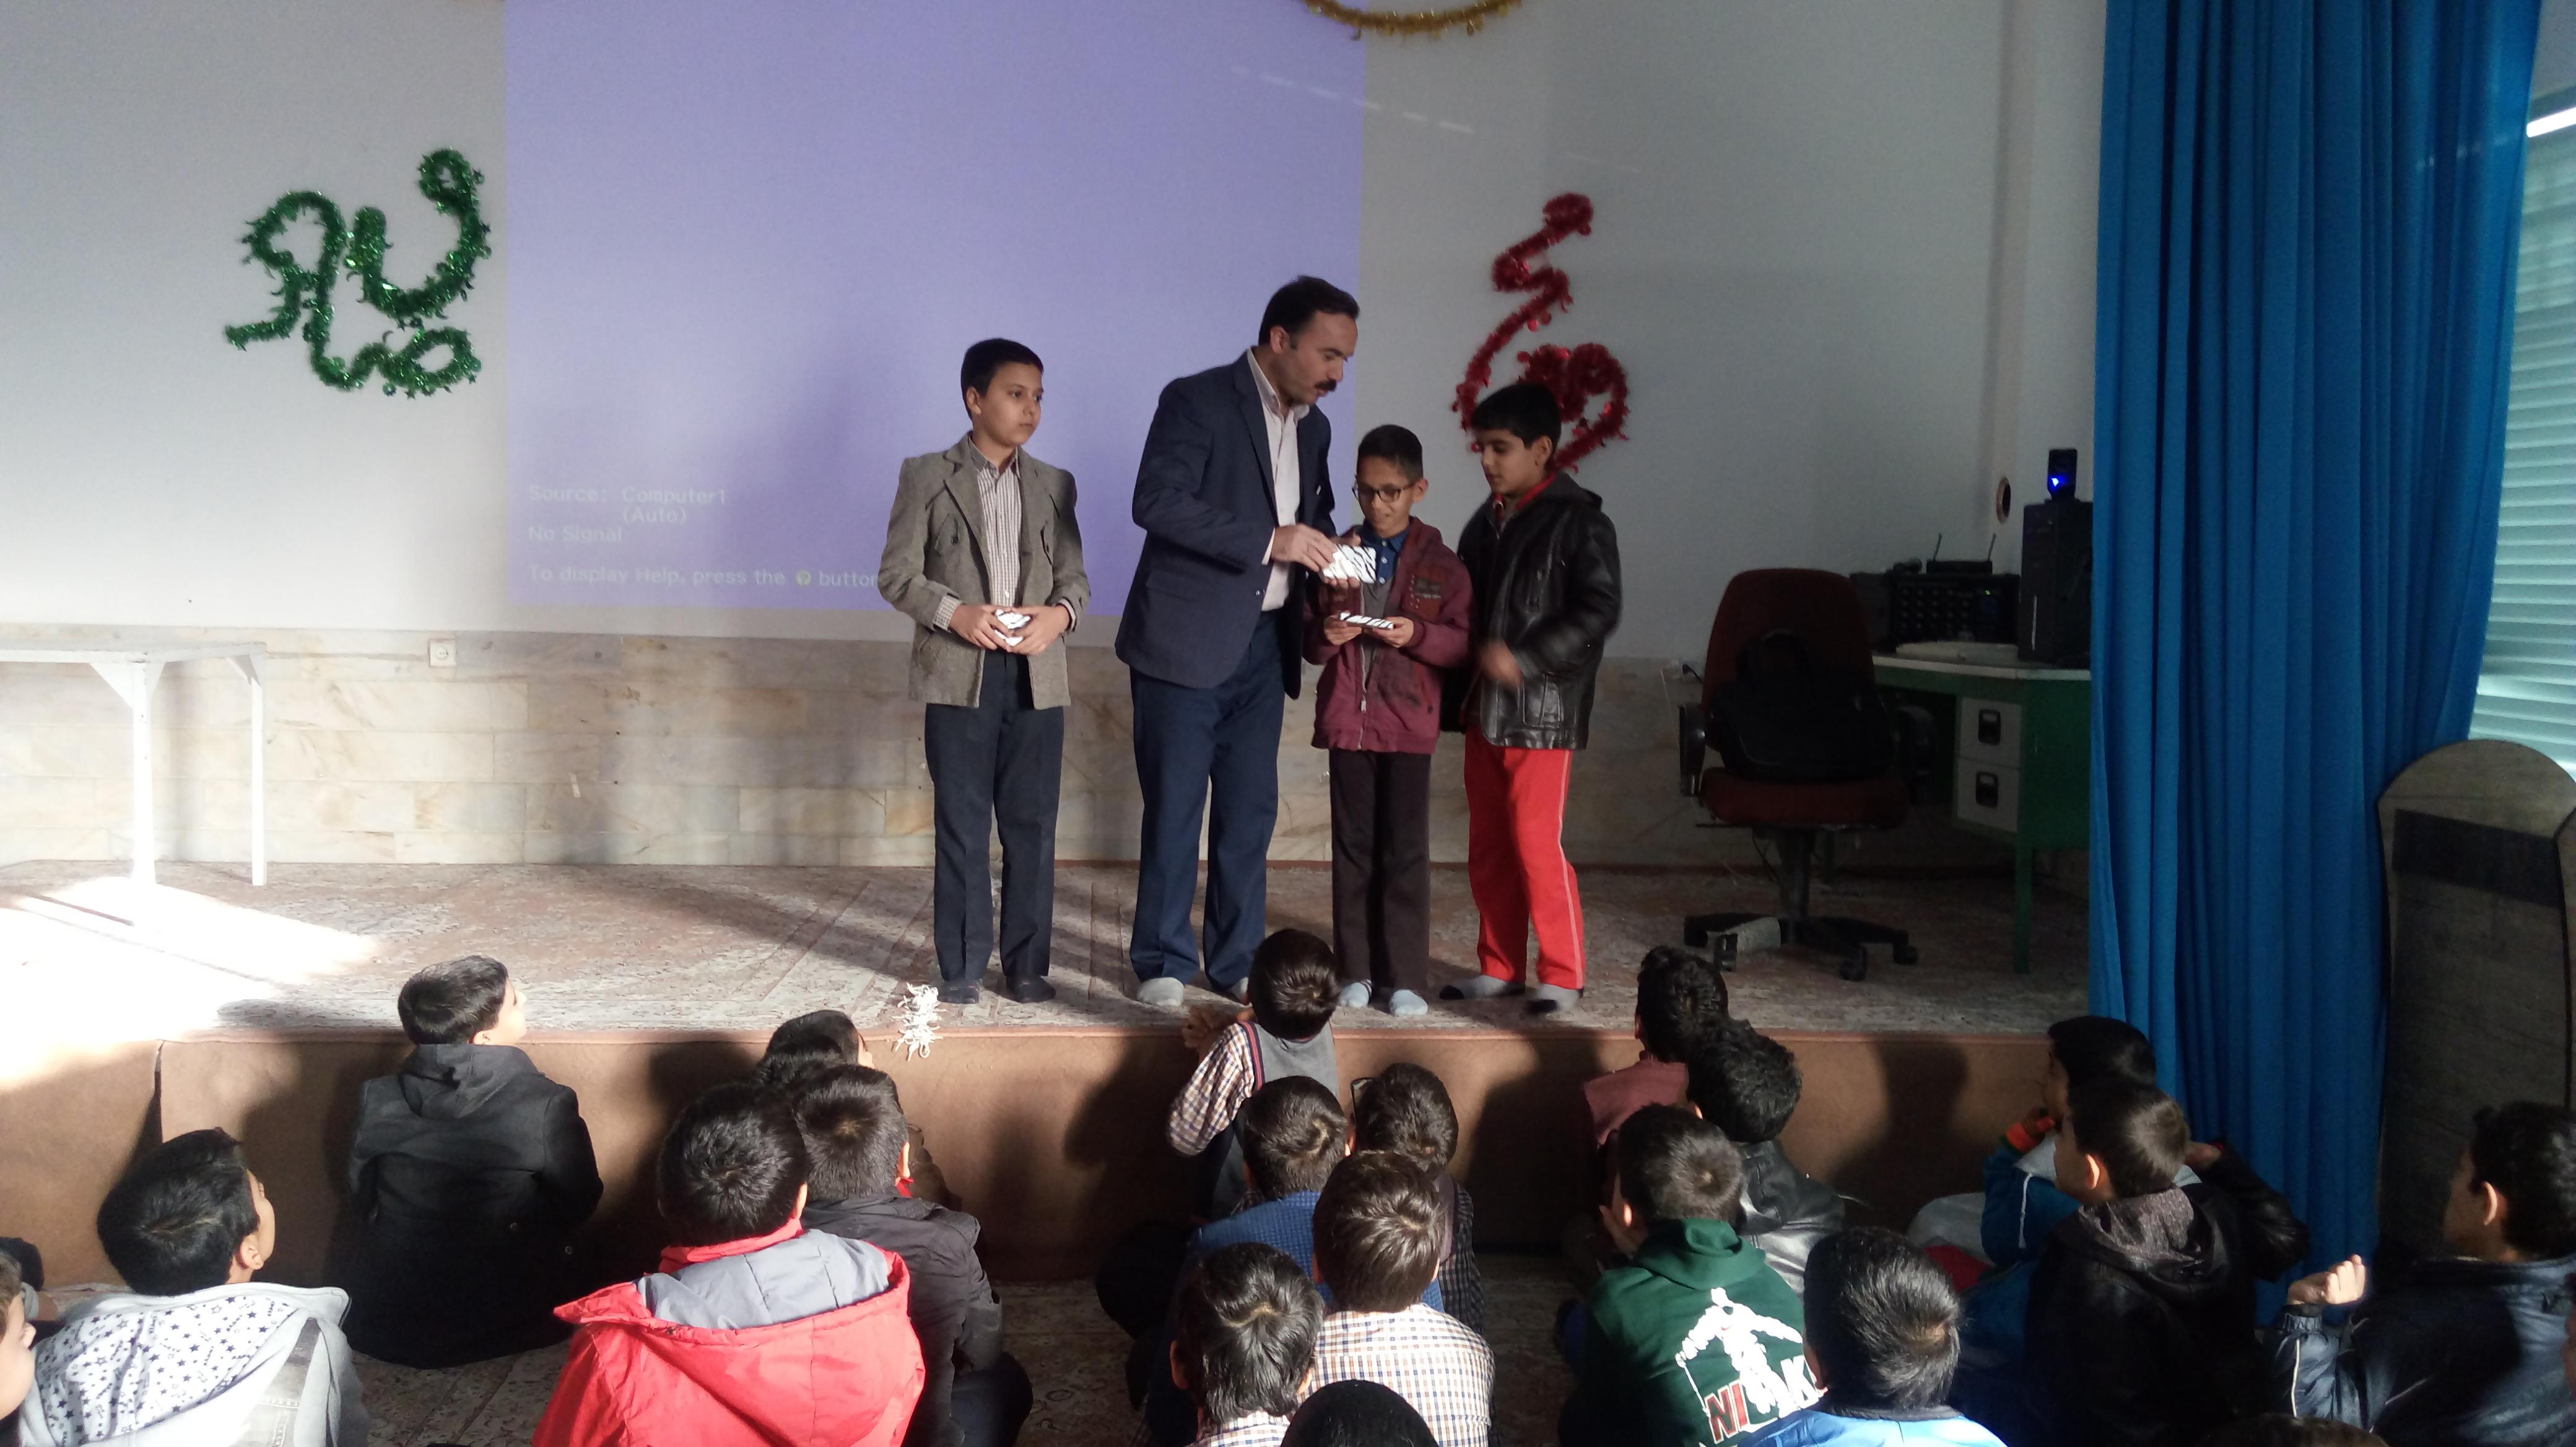 اهدای جایزه به مناسبت هفته کتاب و کتابخوانی